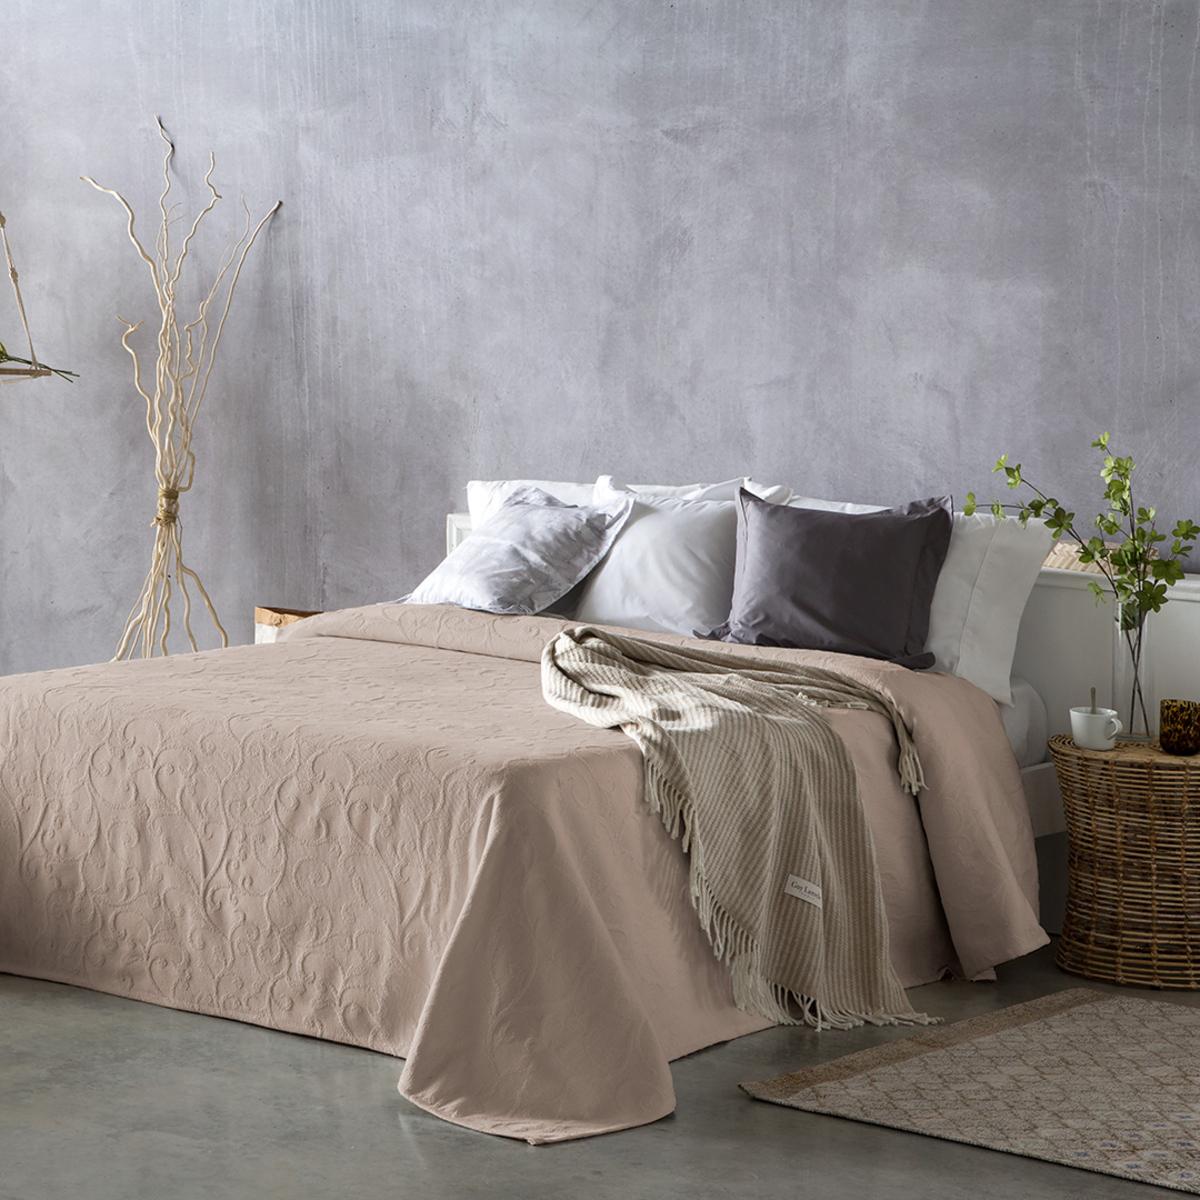 Couvre lit en coton terre 180x270